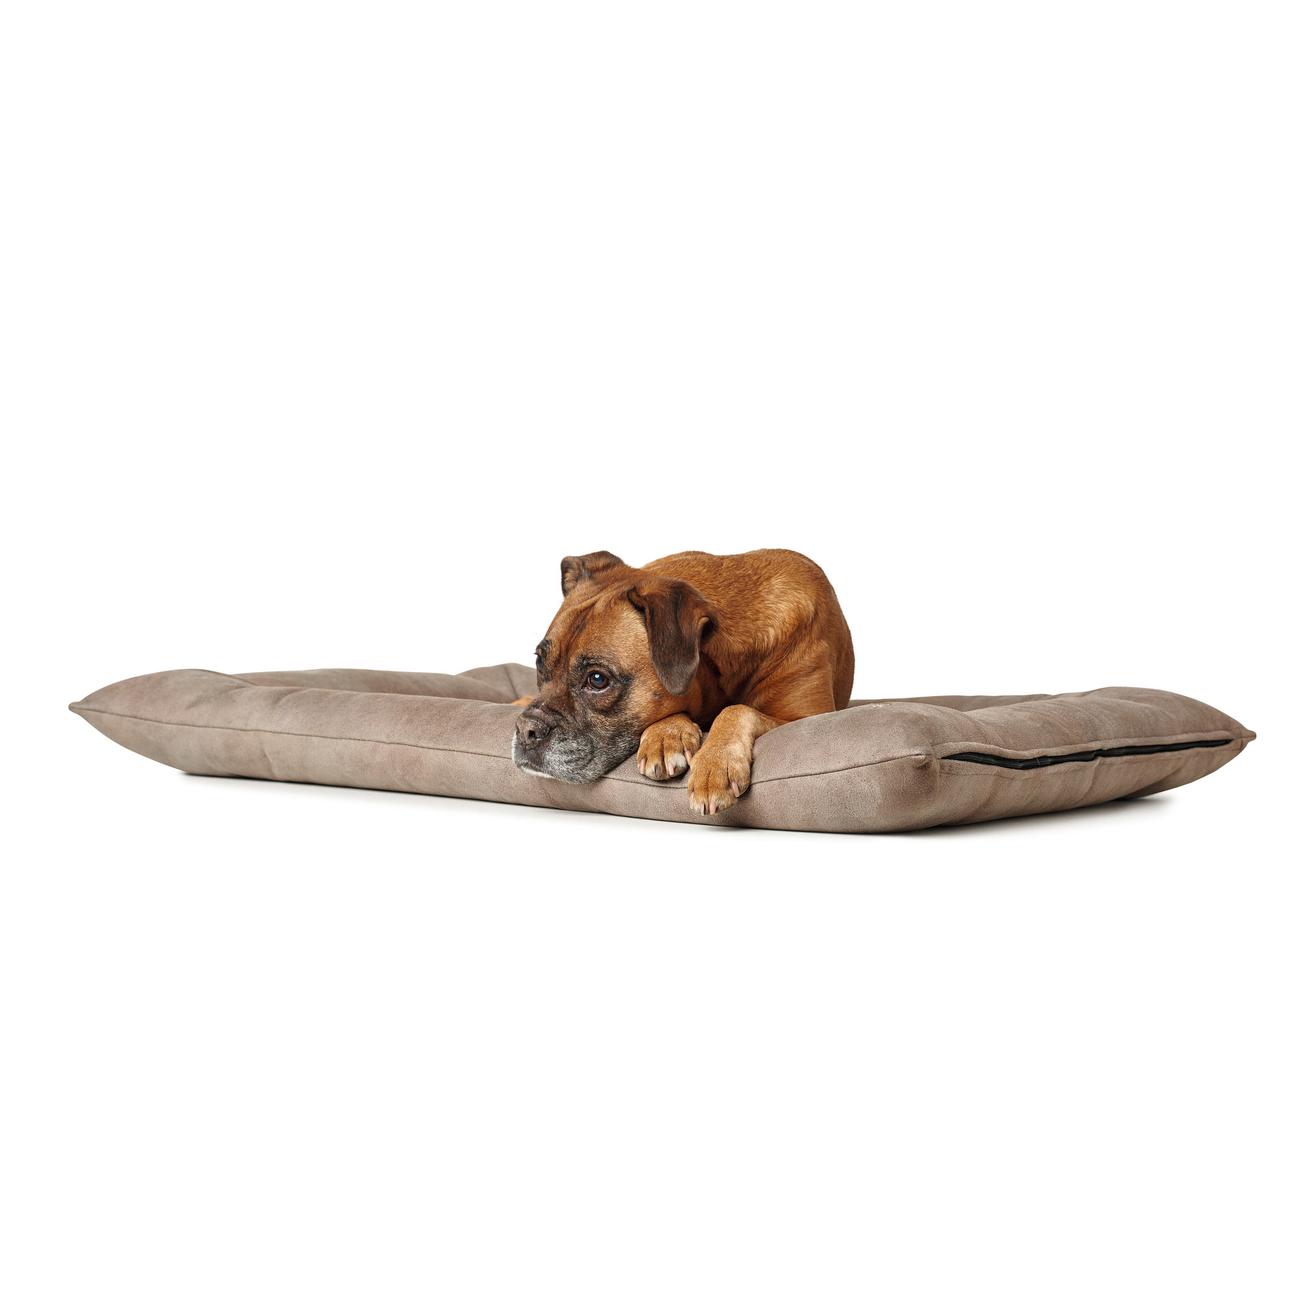 Hunter Hundebett Hundematte Bologna Kunstleder 67189, Bild 8